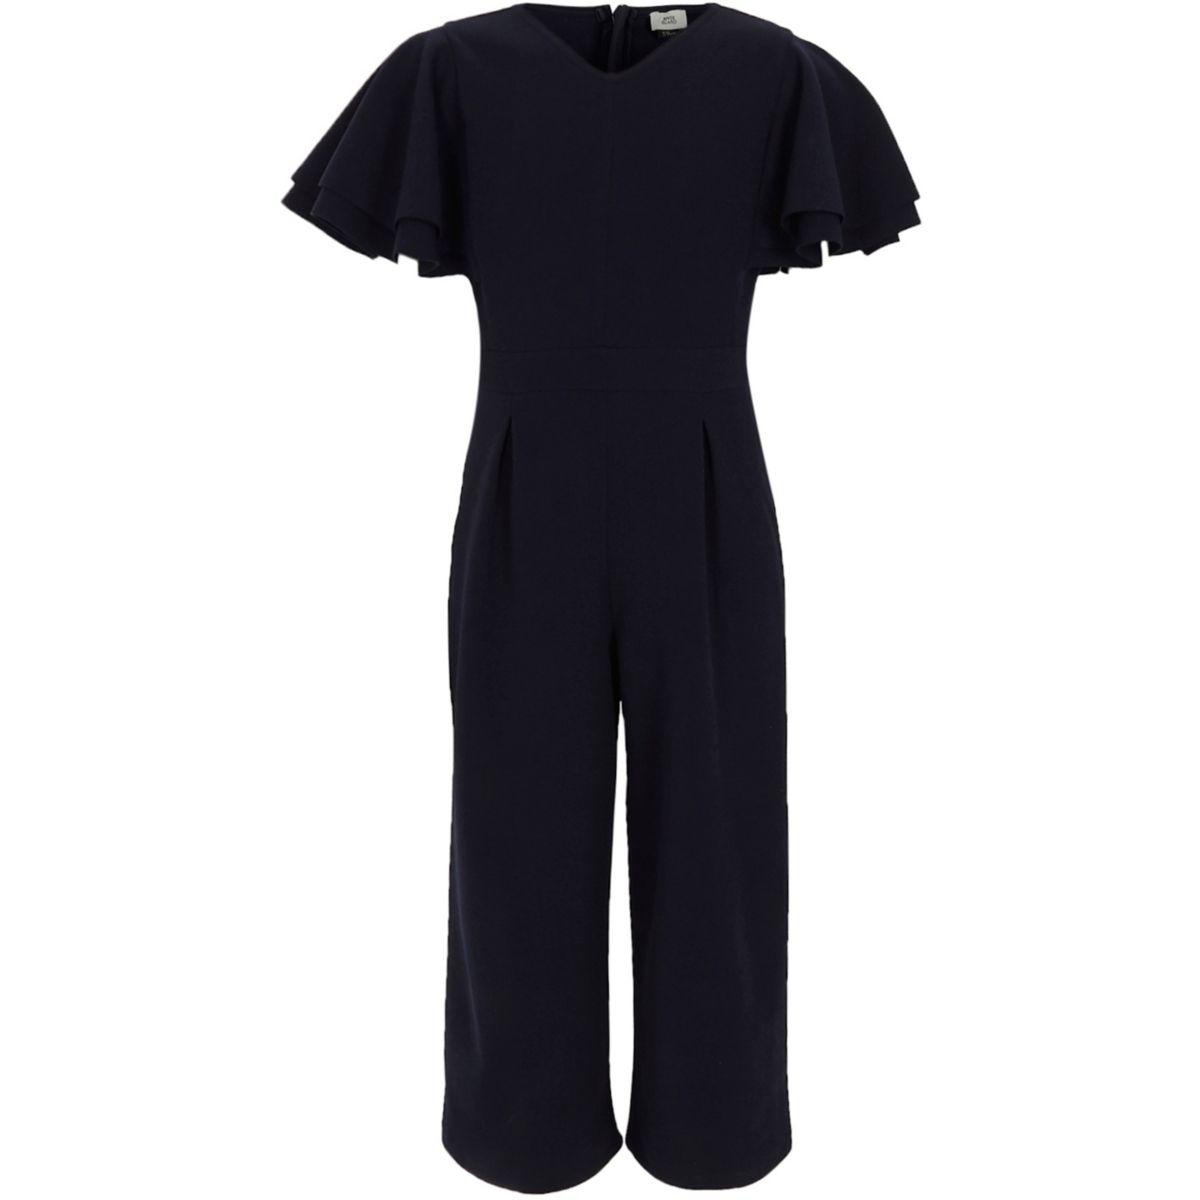 Combinaison jupe-culotte bleu marine avec volant aux manches pour fille